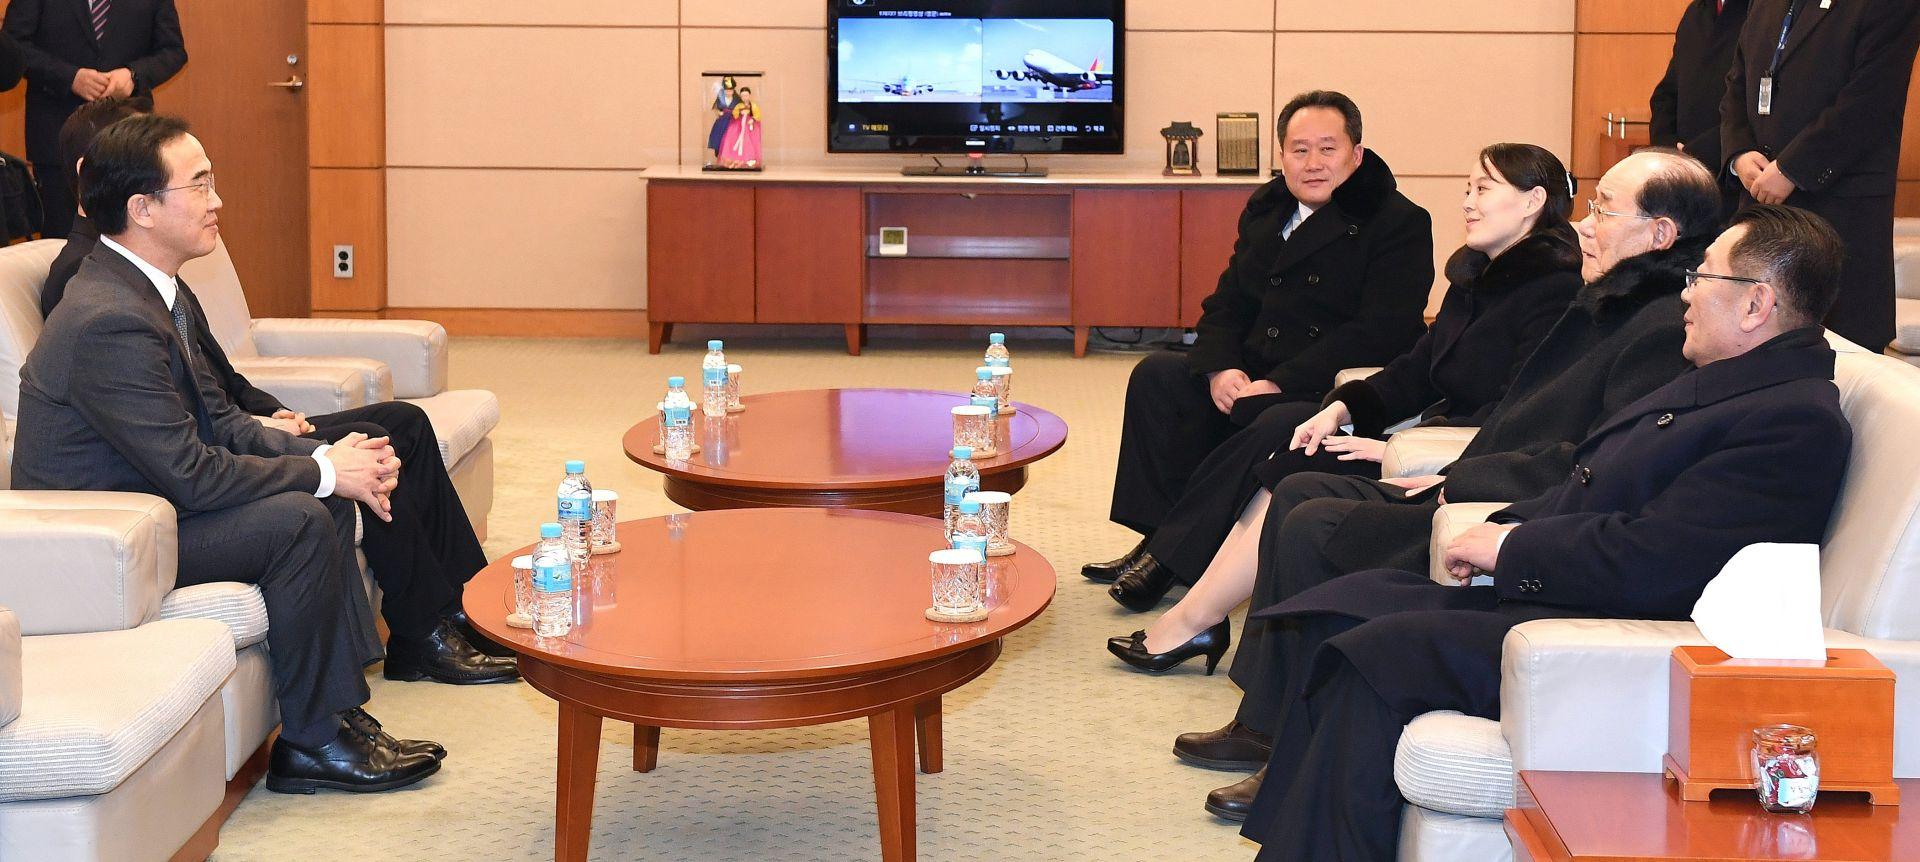 Južna Koreja šalje izaslanstvo u Sjevernu Koreju